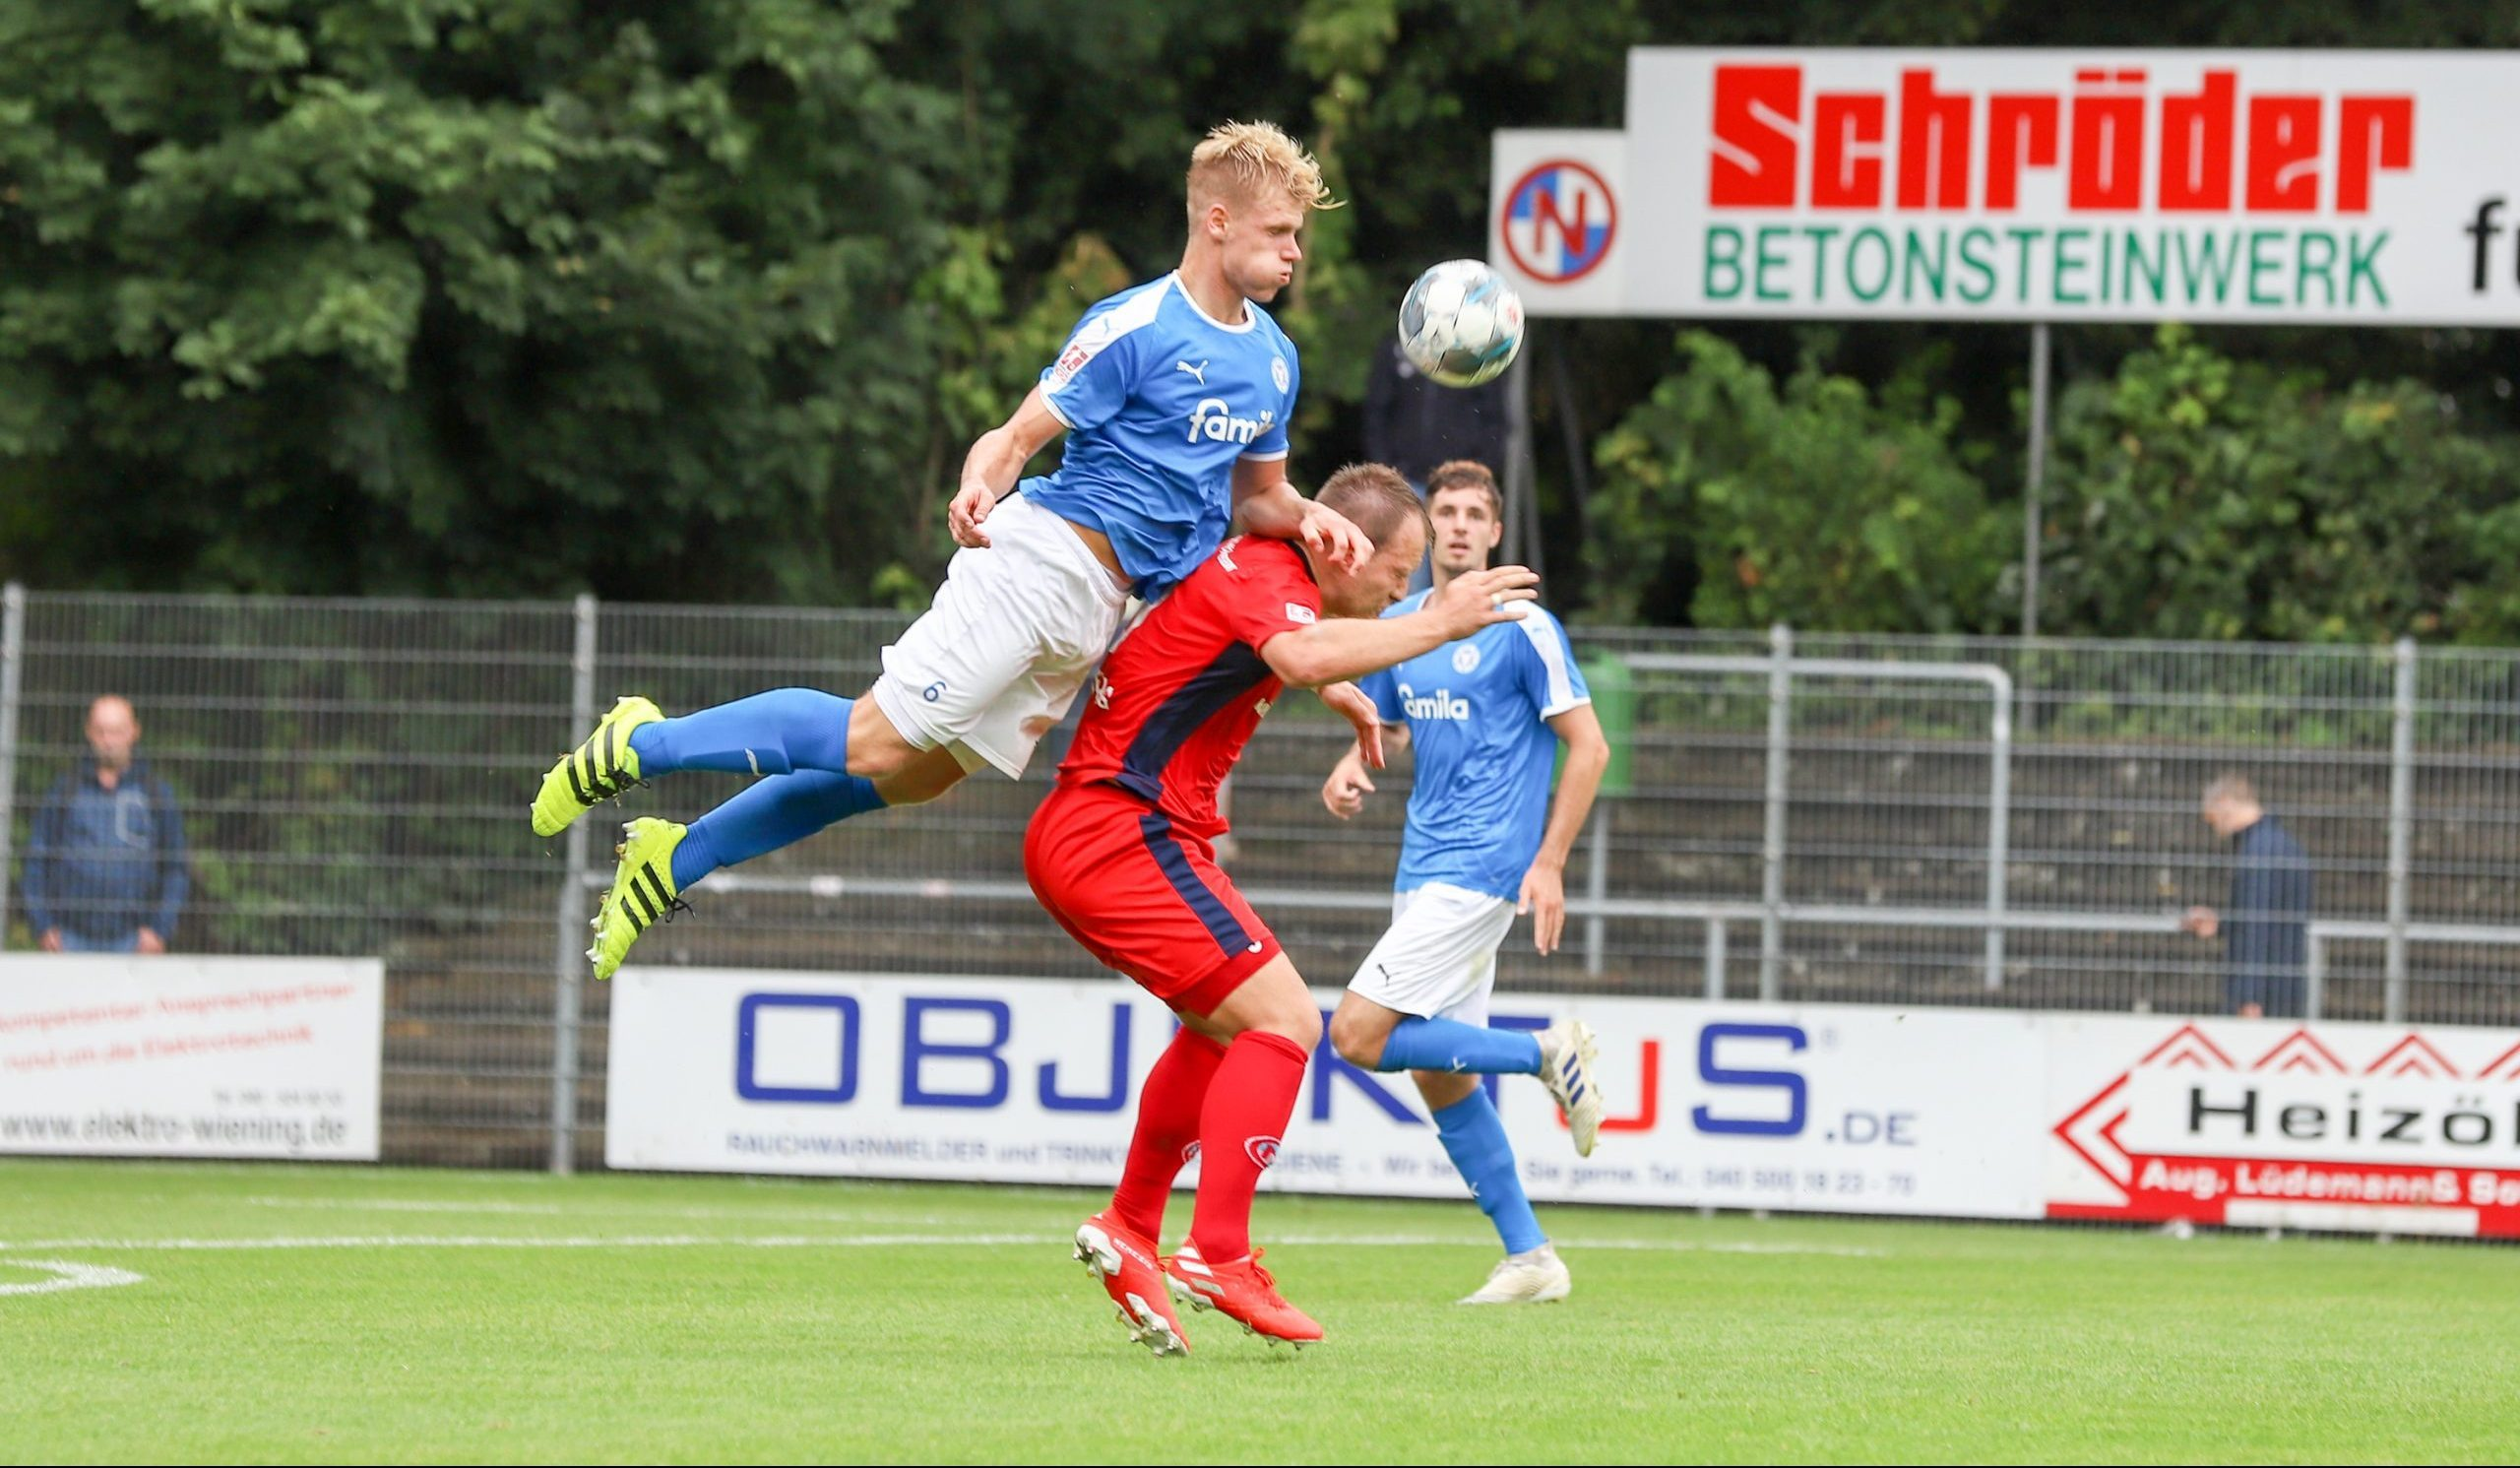 Barne Pernot (6, Holstein Kiel U23) Jan Lueneburg (9, Eintracht Norderstedt )